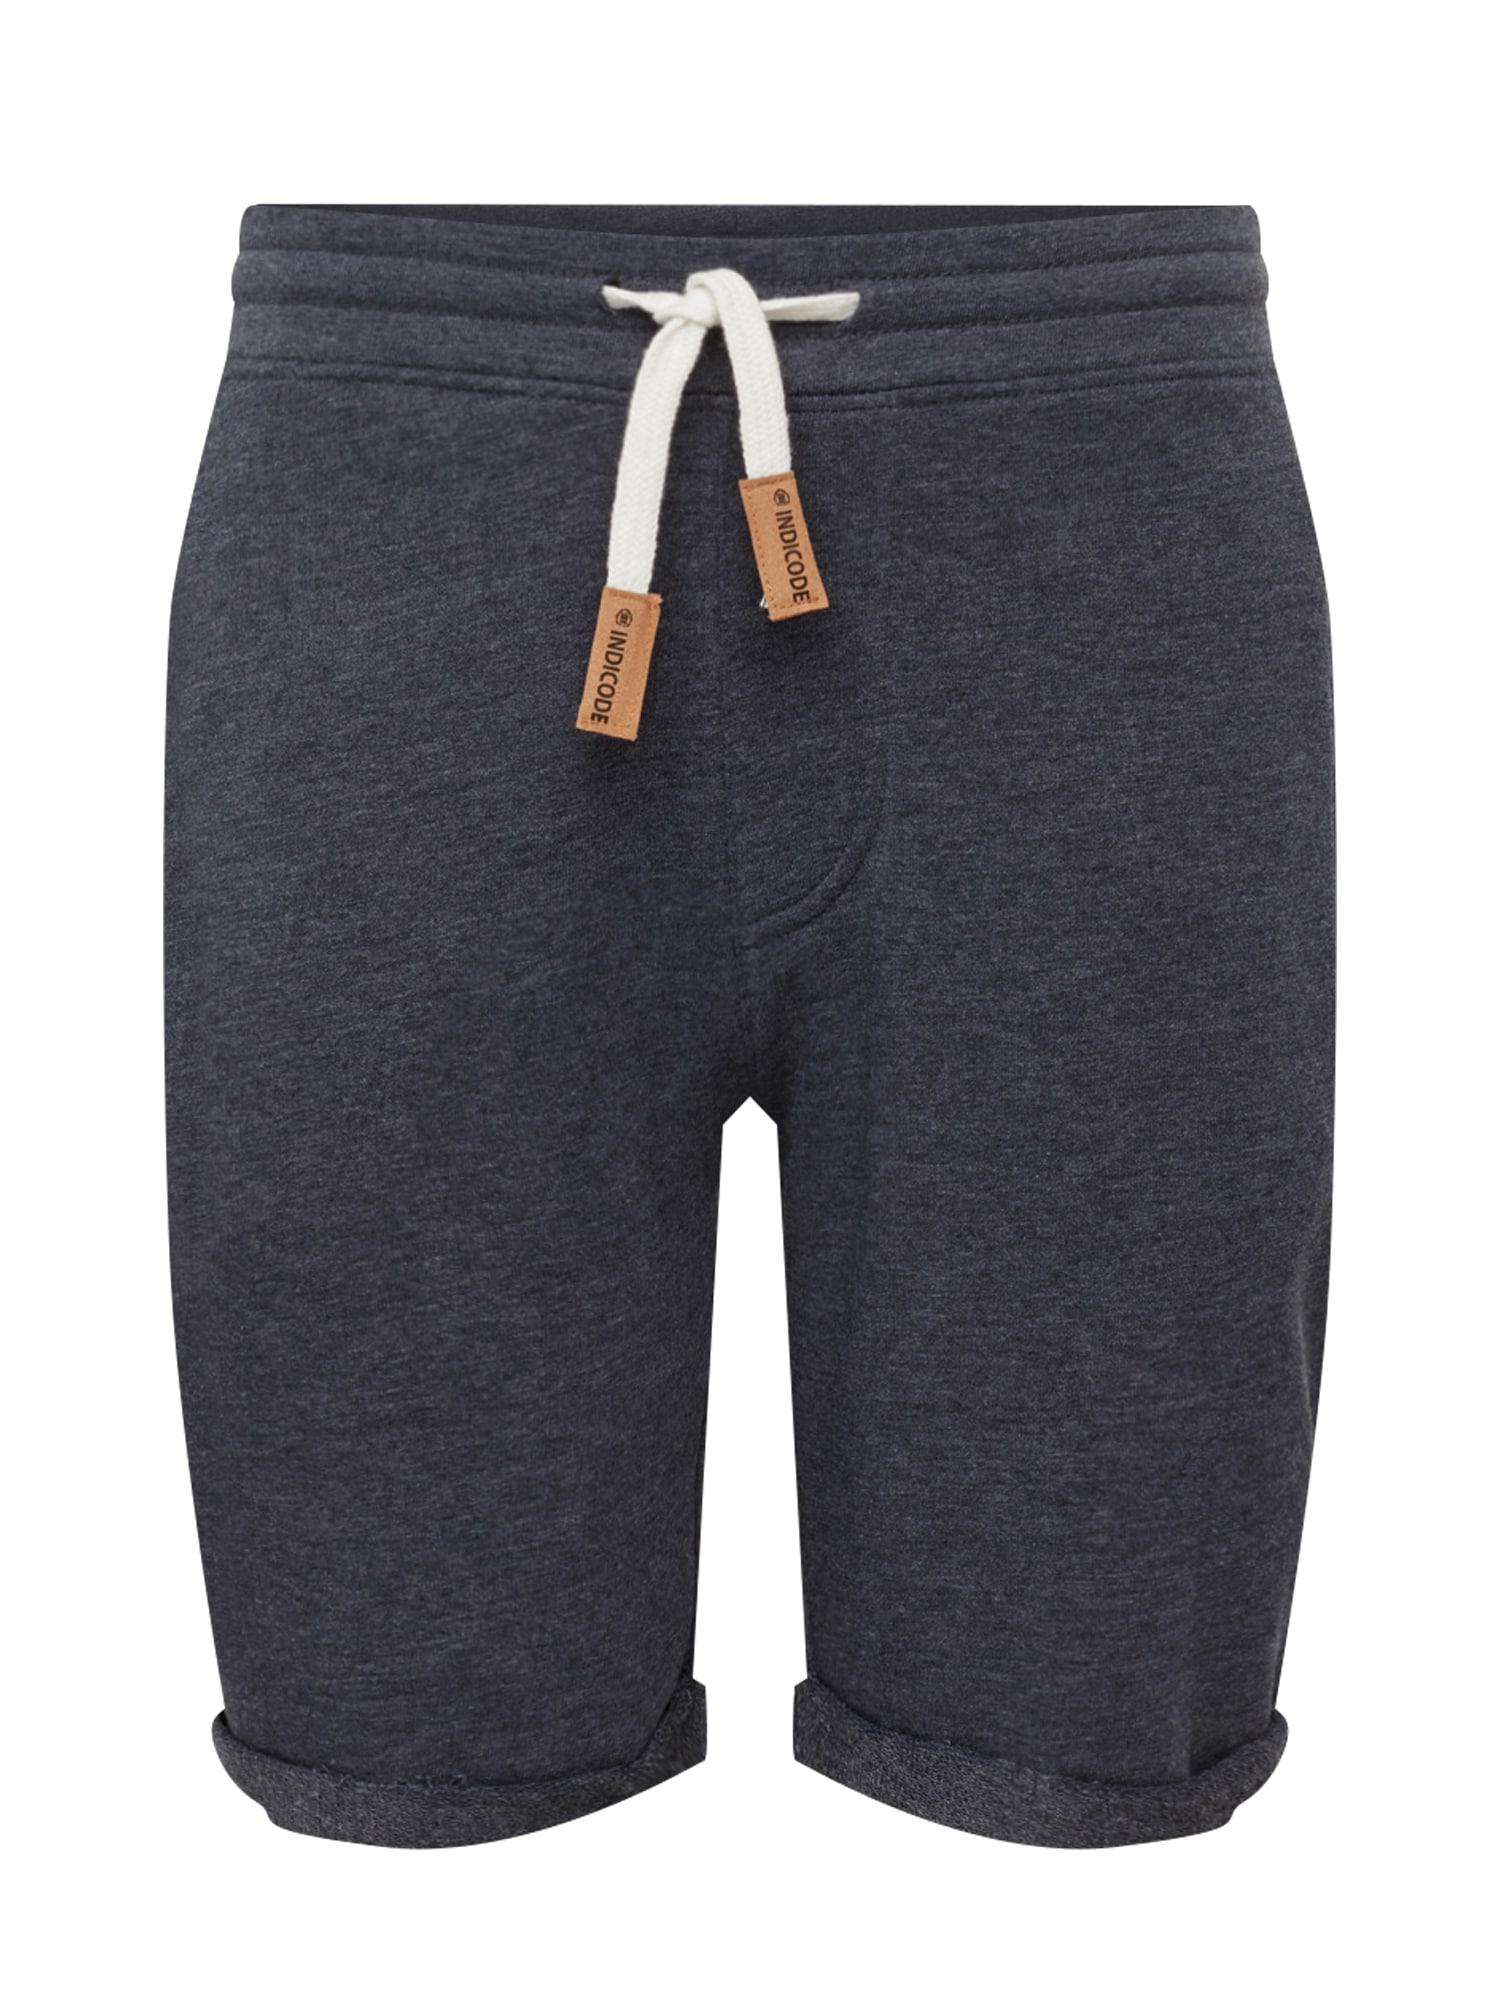 Kalhoty Rion námořnická modř INDICODE JEANS